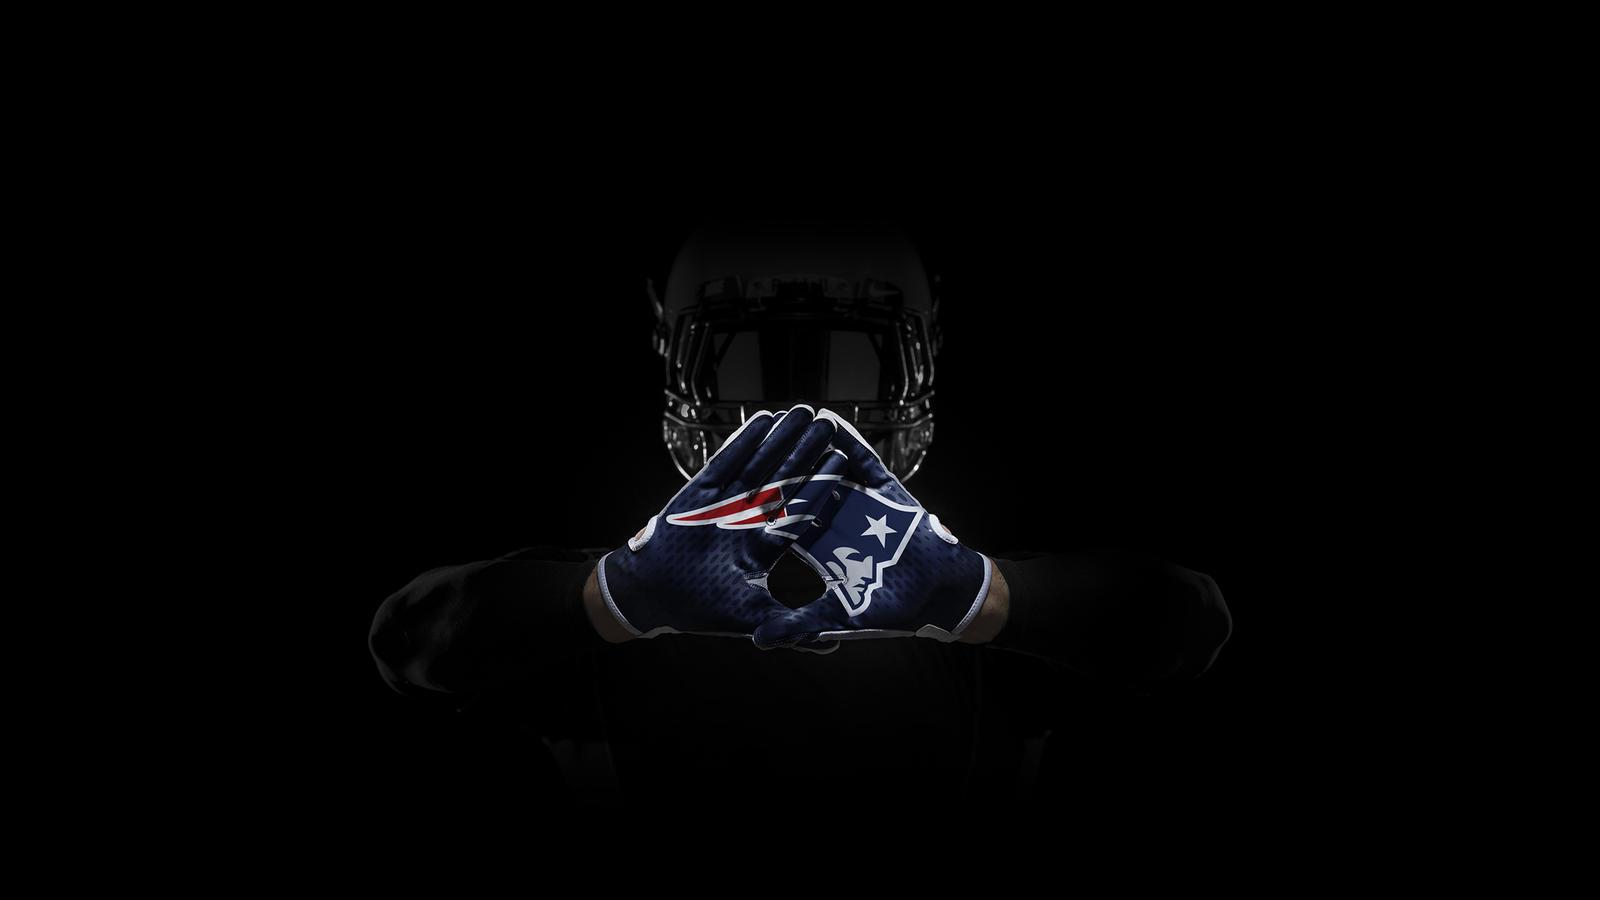 SP14_NFL_SB_TeamGloves_Hands_Patriots